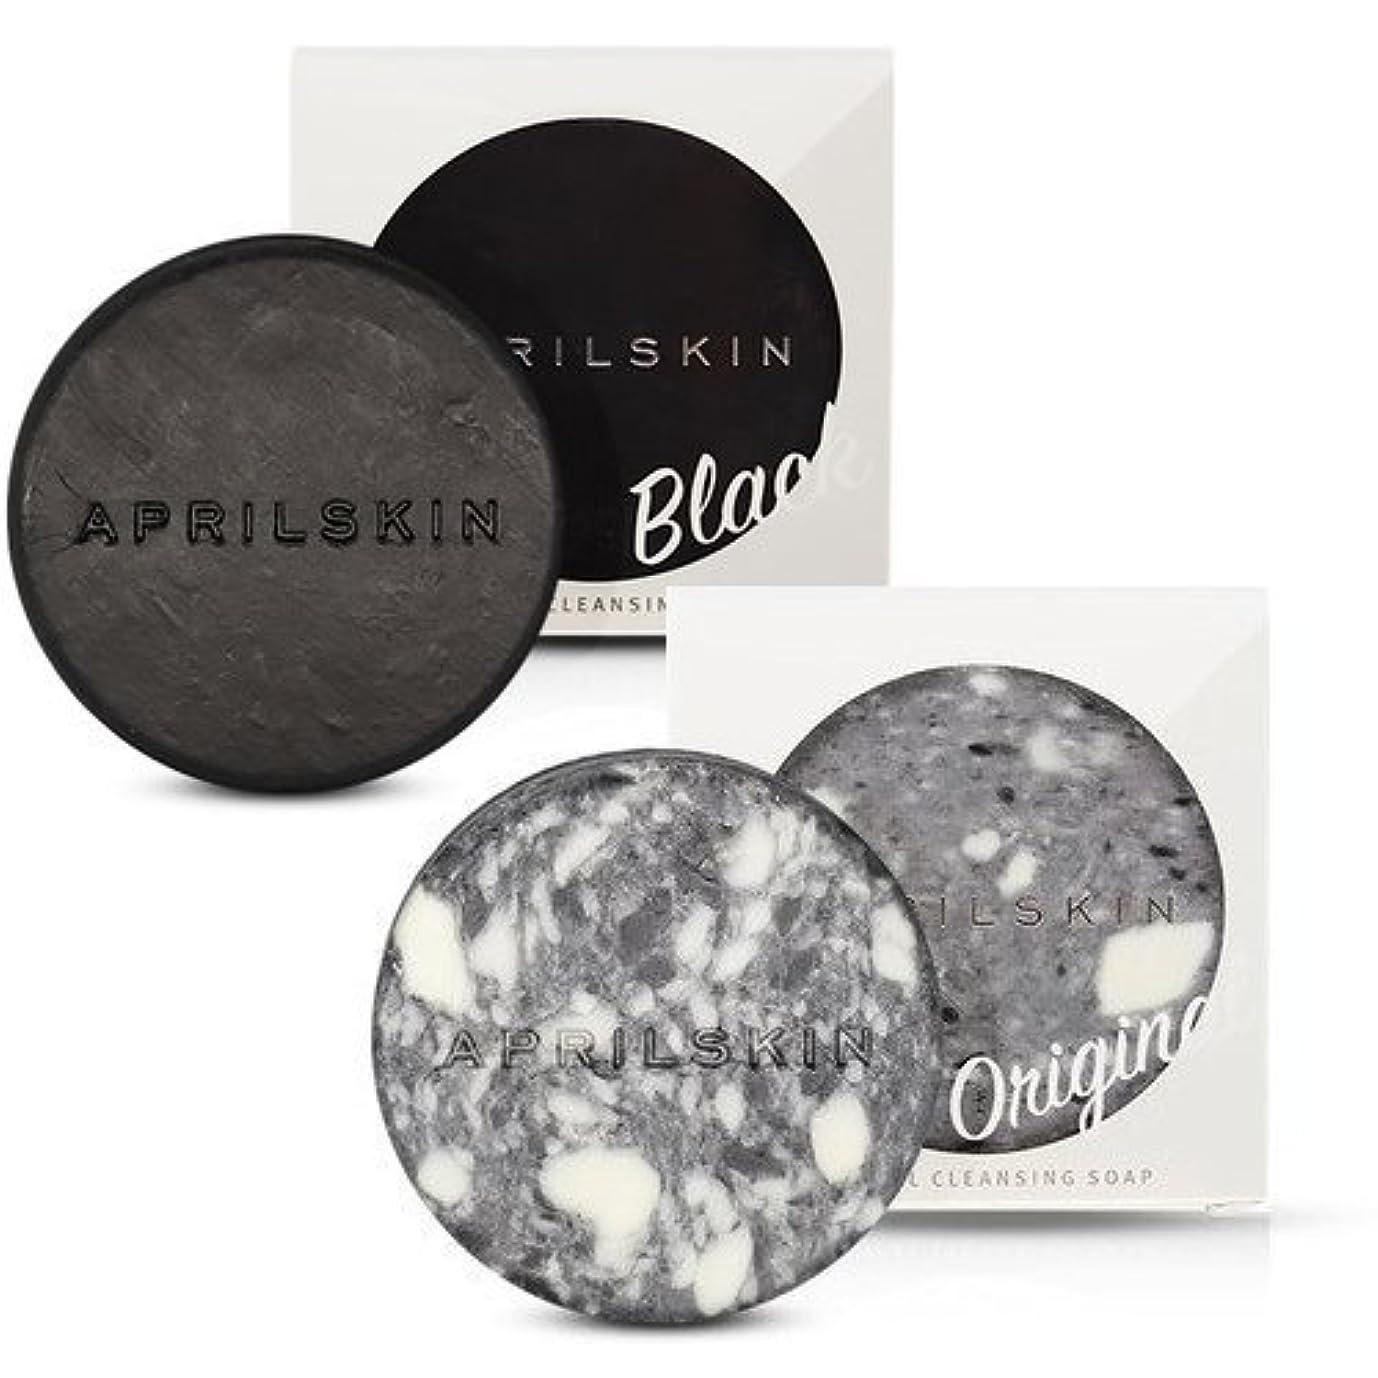 受け取るエレベーター対立[1+1][APRILSKIN] エイプリルスキン国民石鹸 (APRIL SKIN マジックストーンのリニューアルバージョン新発売) (ORIGINAL+BLACK) [並行輸入品]